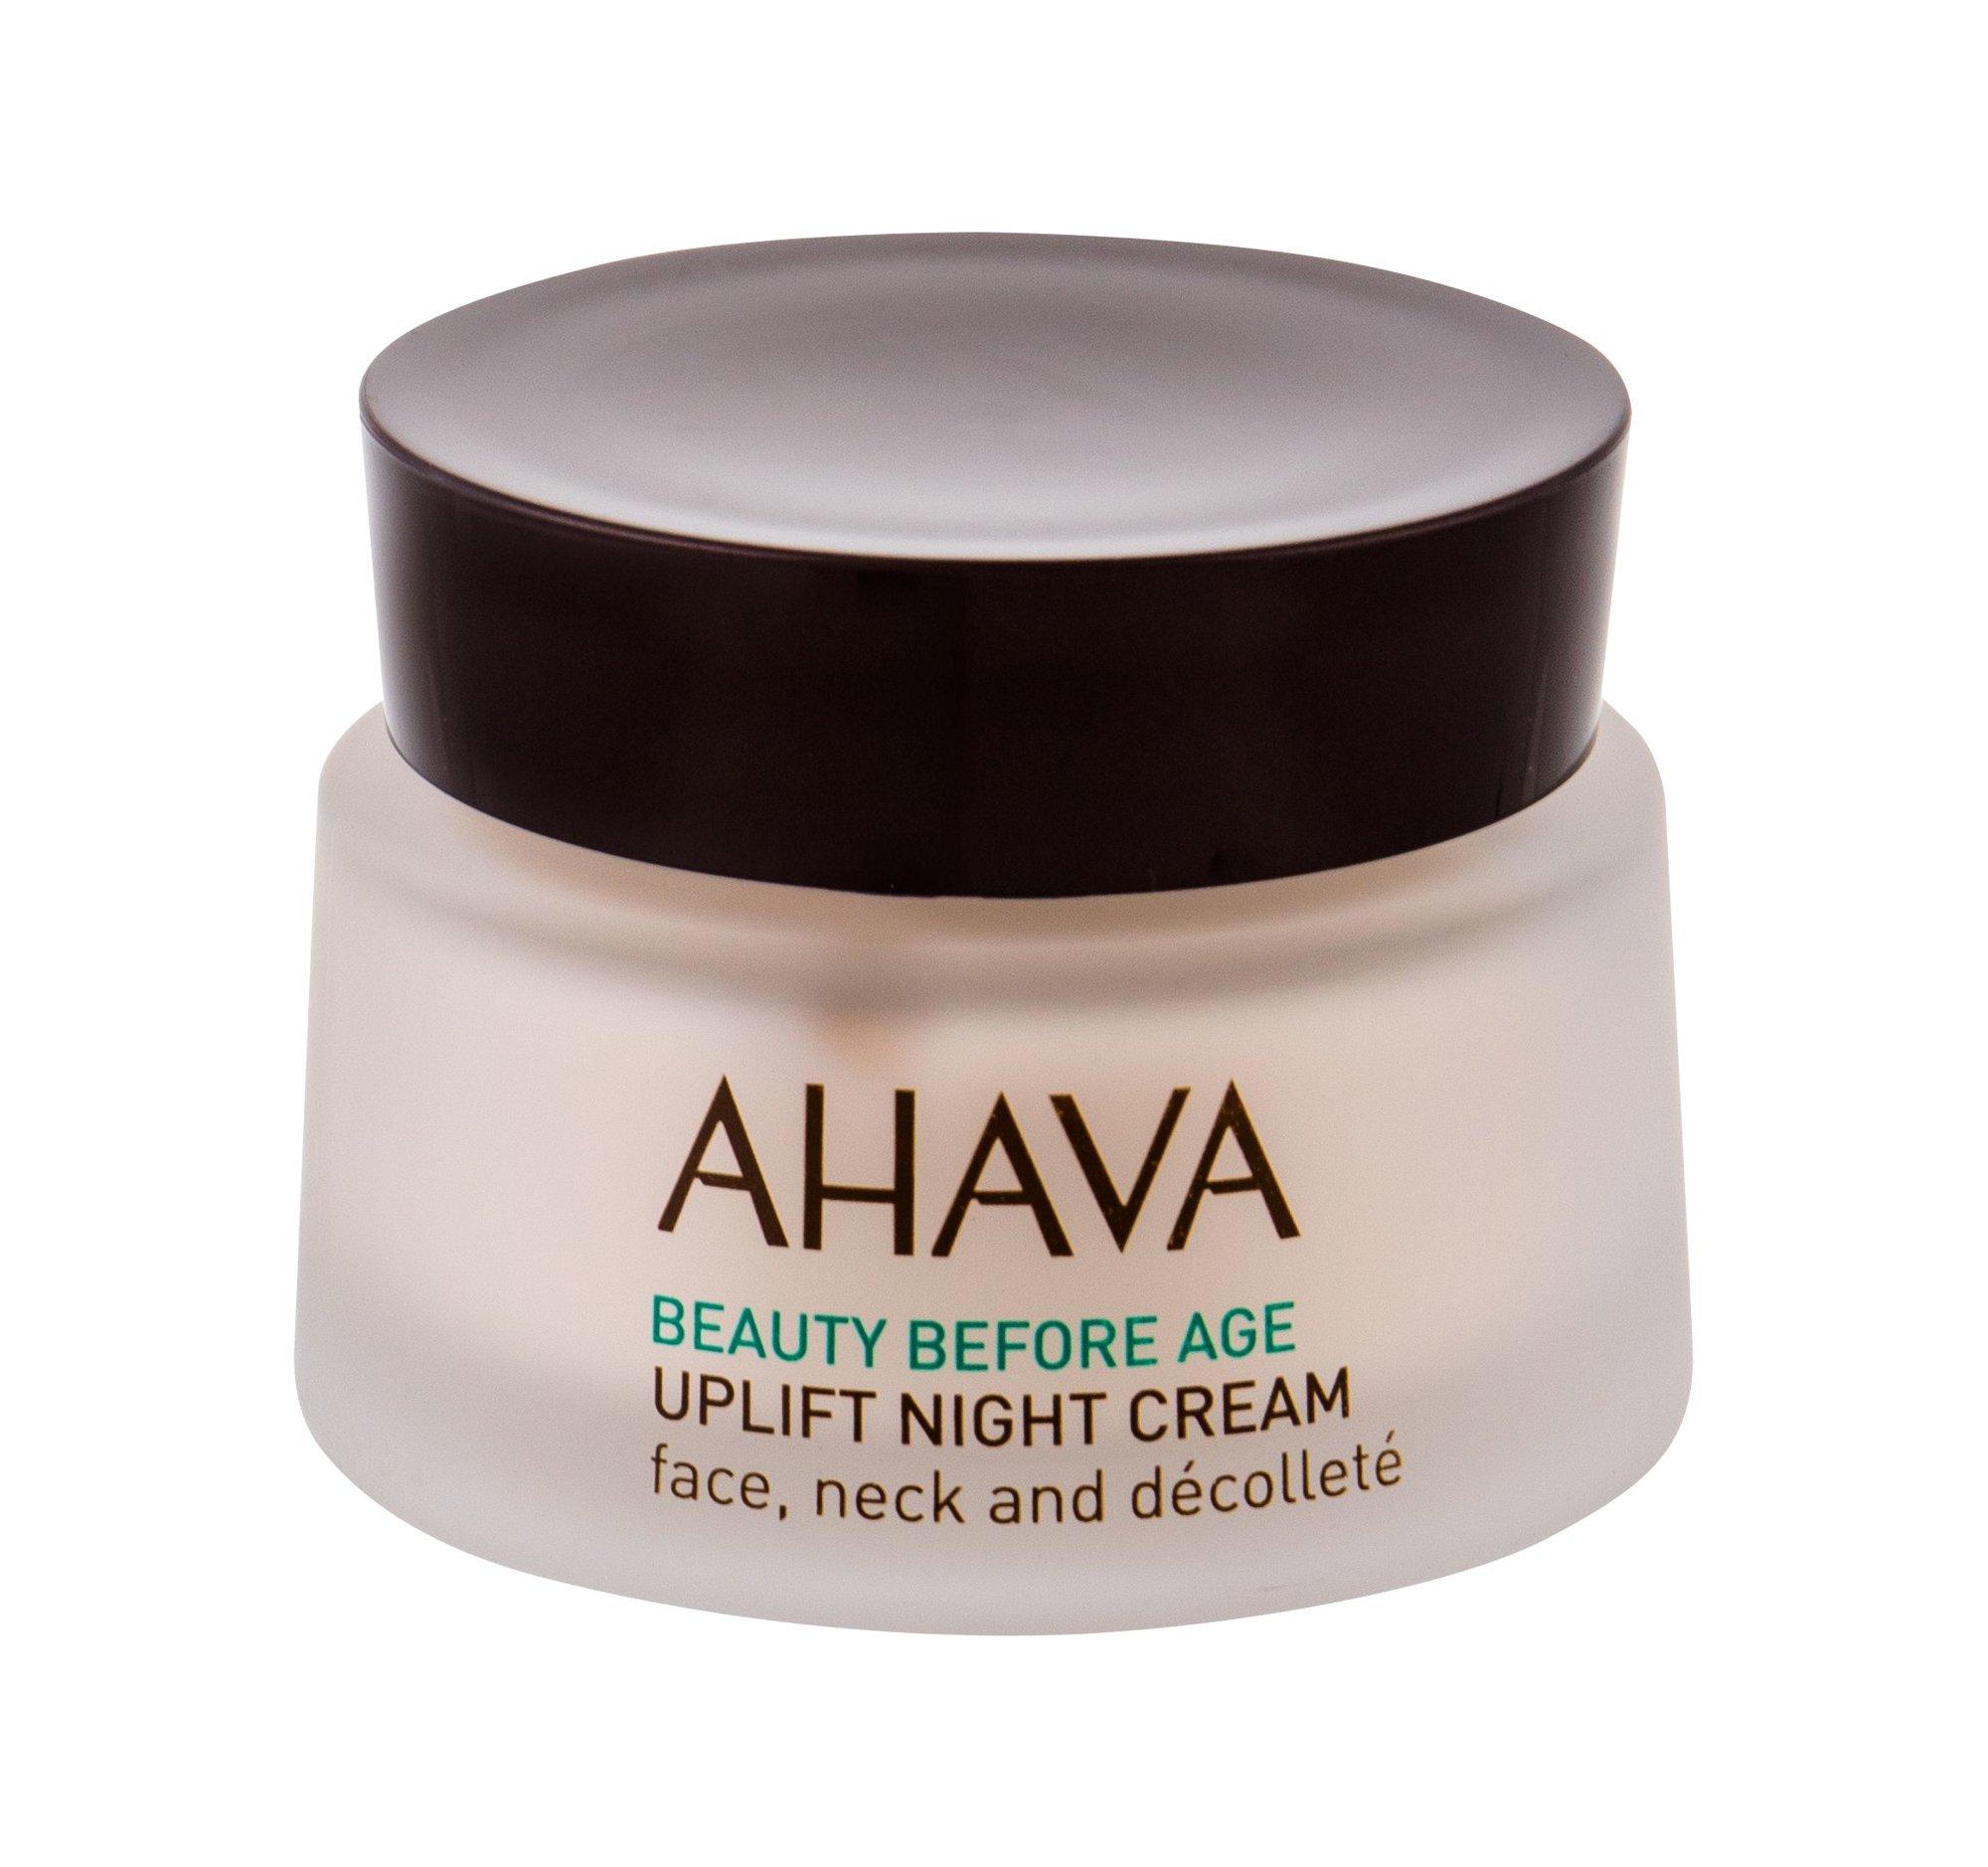 AHAVA Beauty Before Age Night Skin Cream 50ml  Uplift